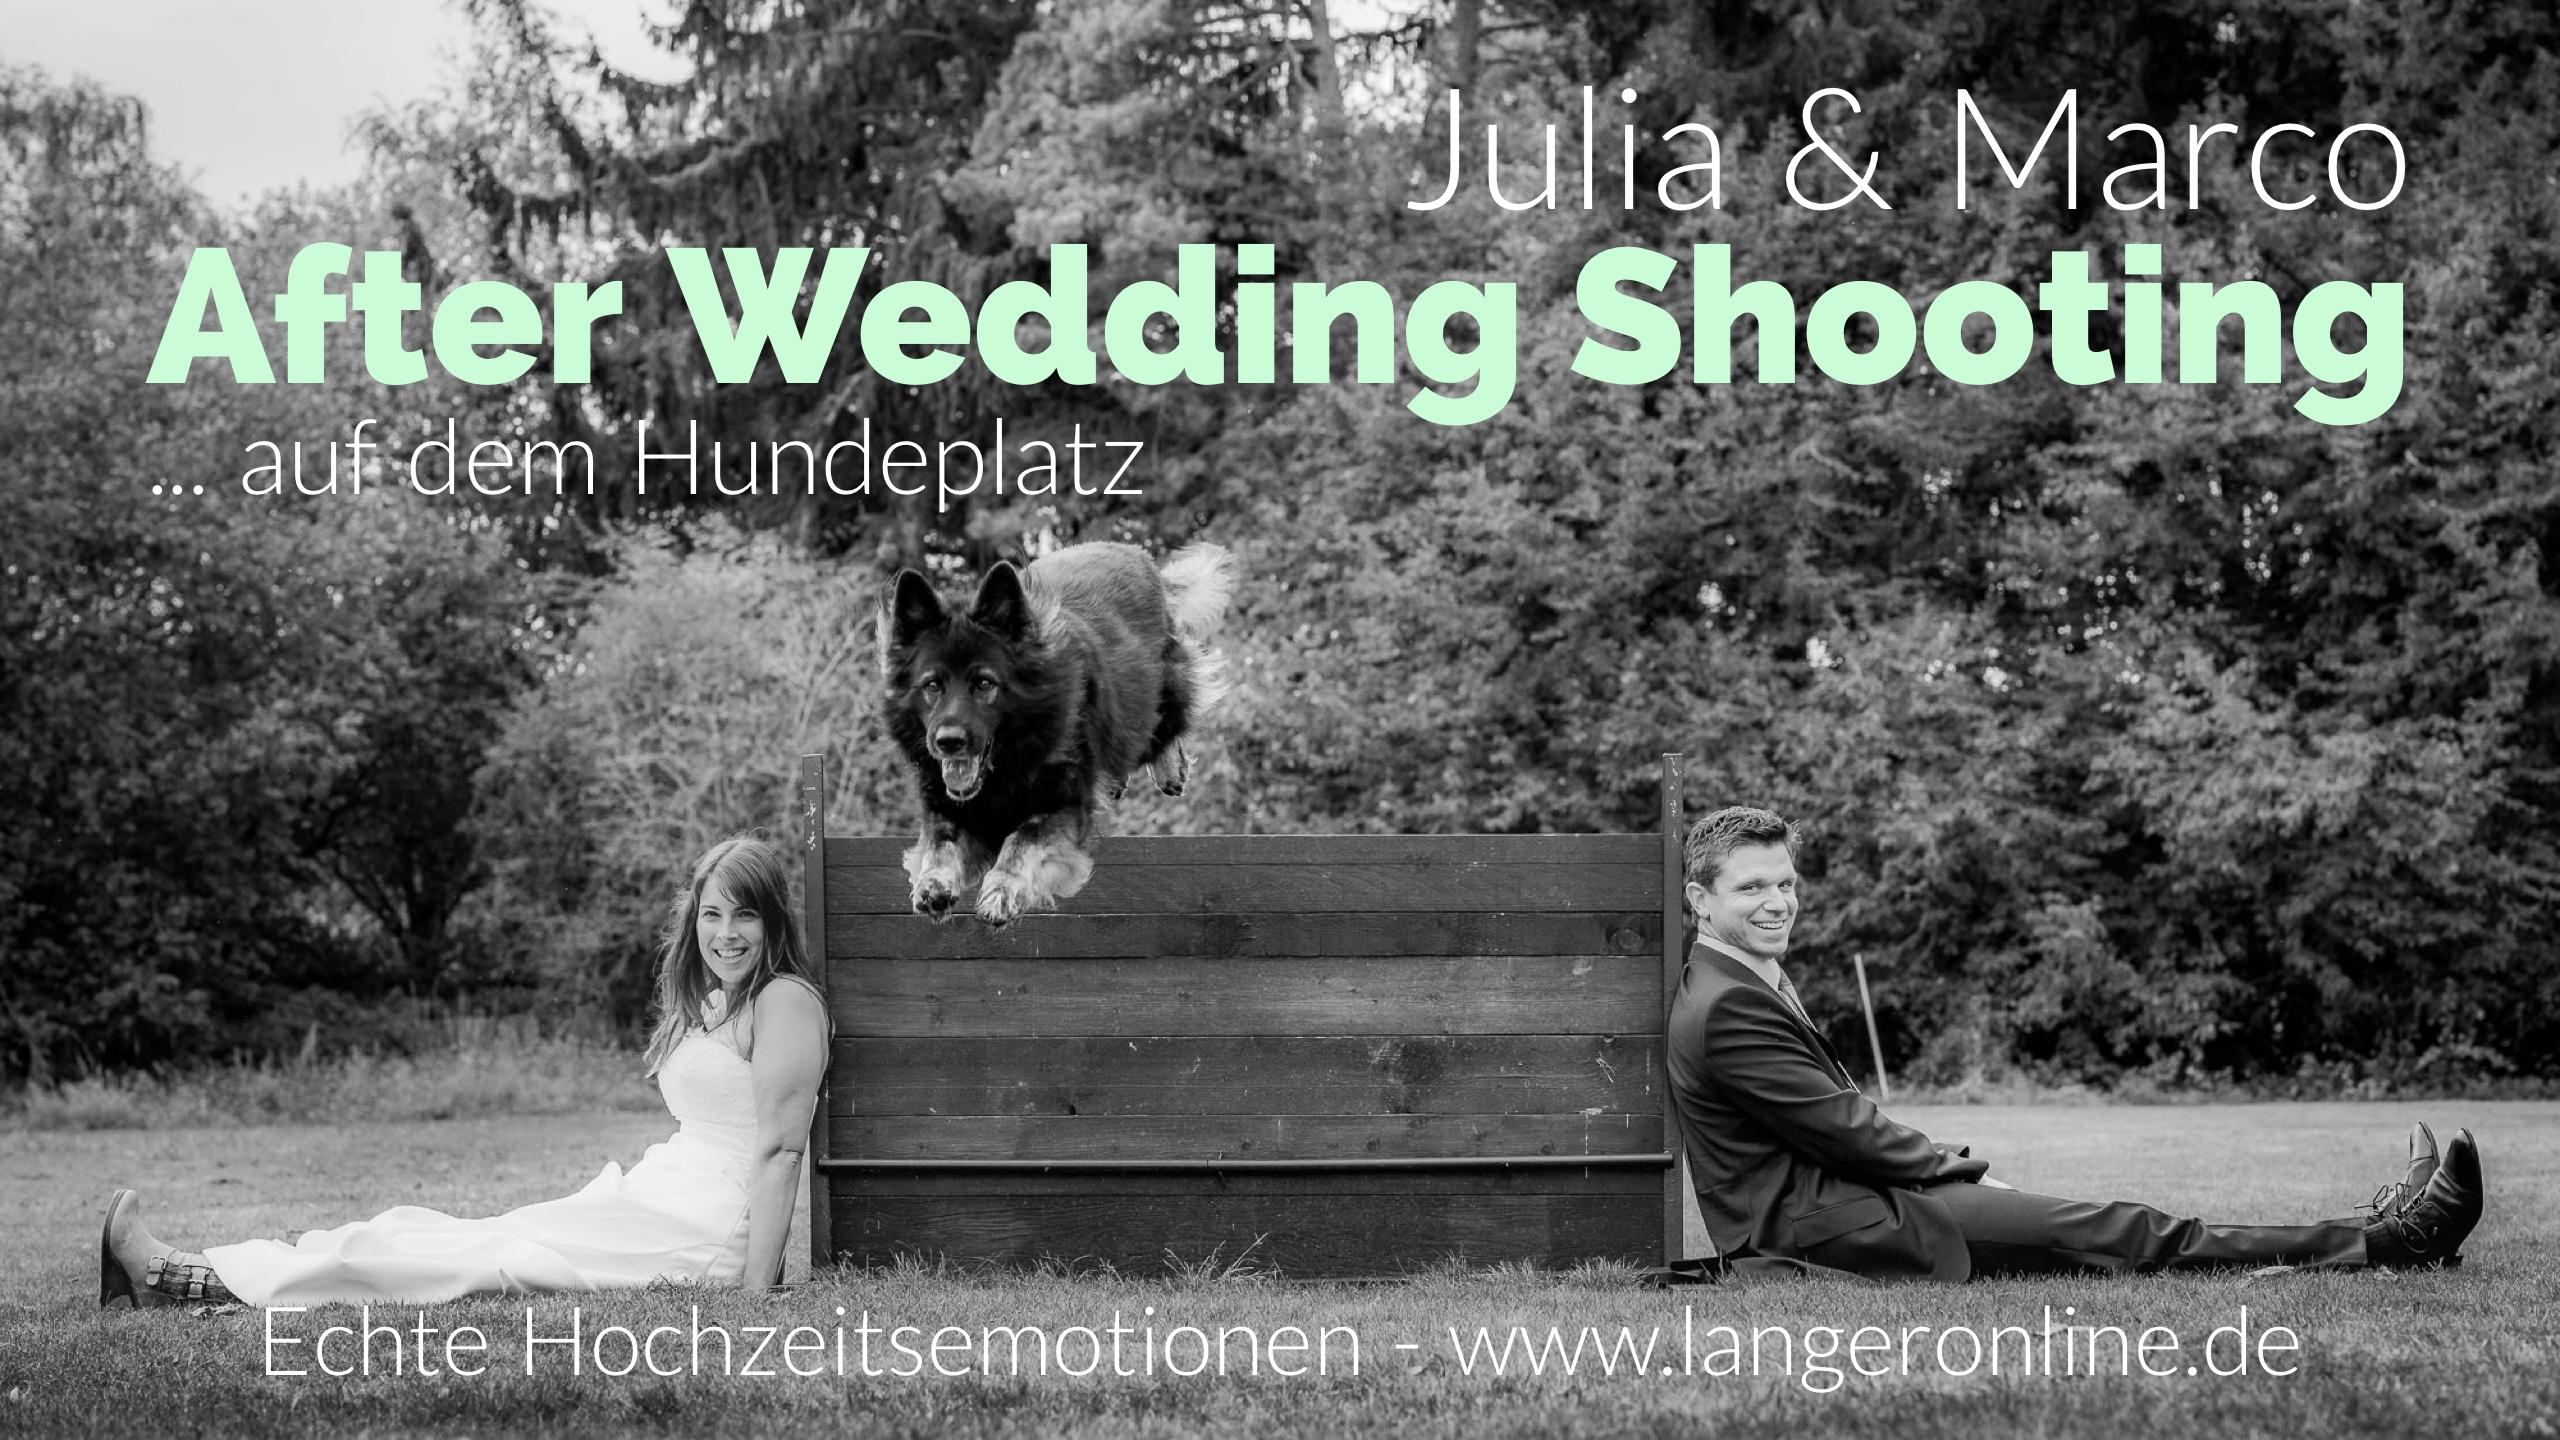 Mit Julia und Marco zum After Wedding Shooting auf dem Hundeplatz – was ein Spaß!